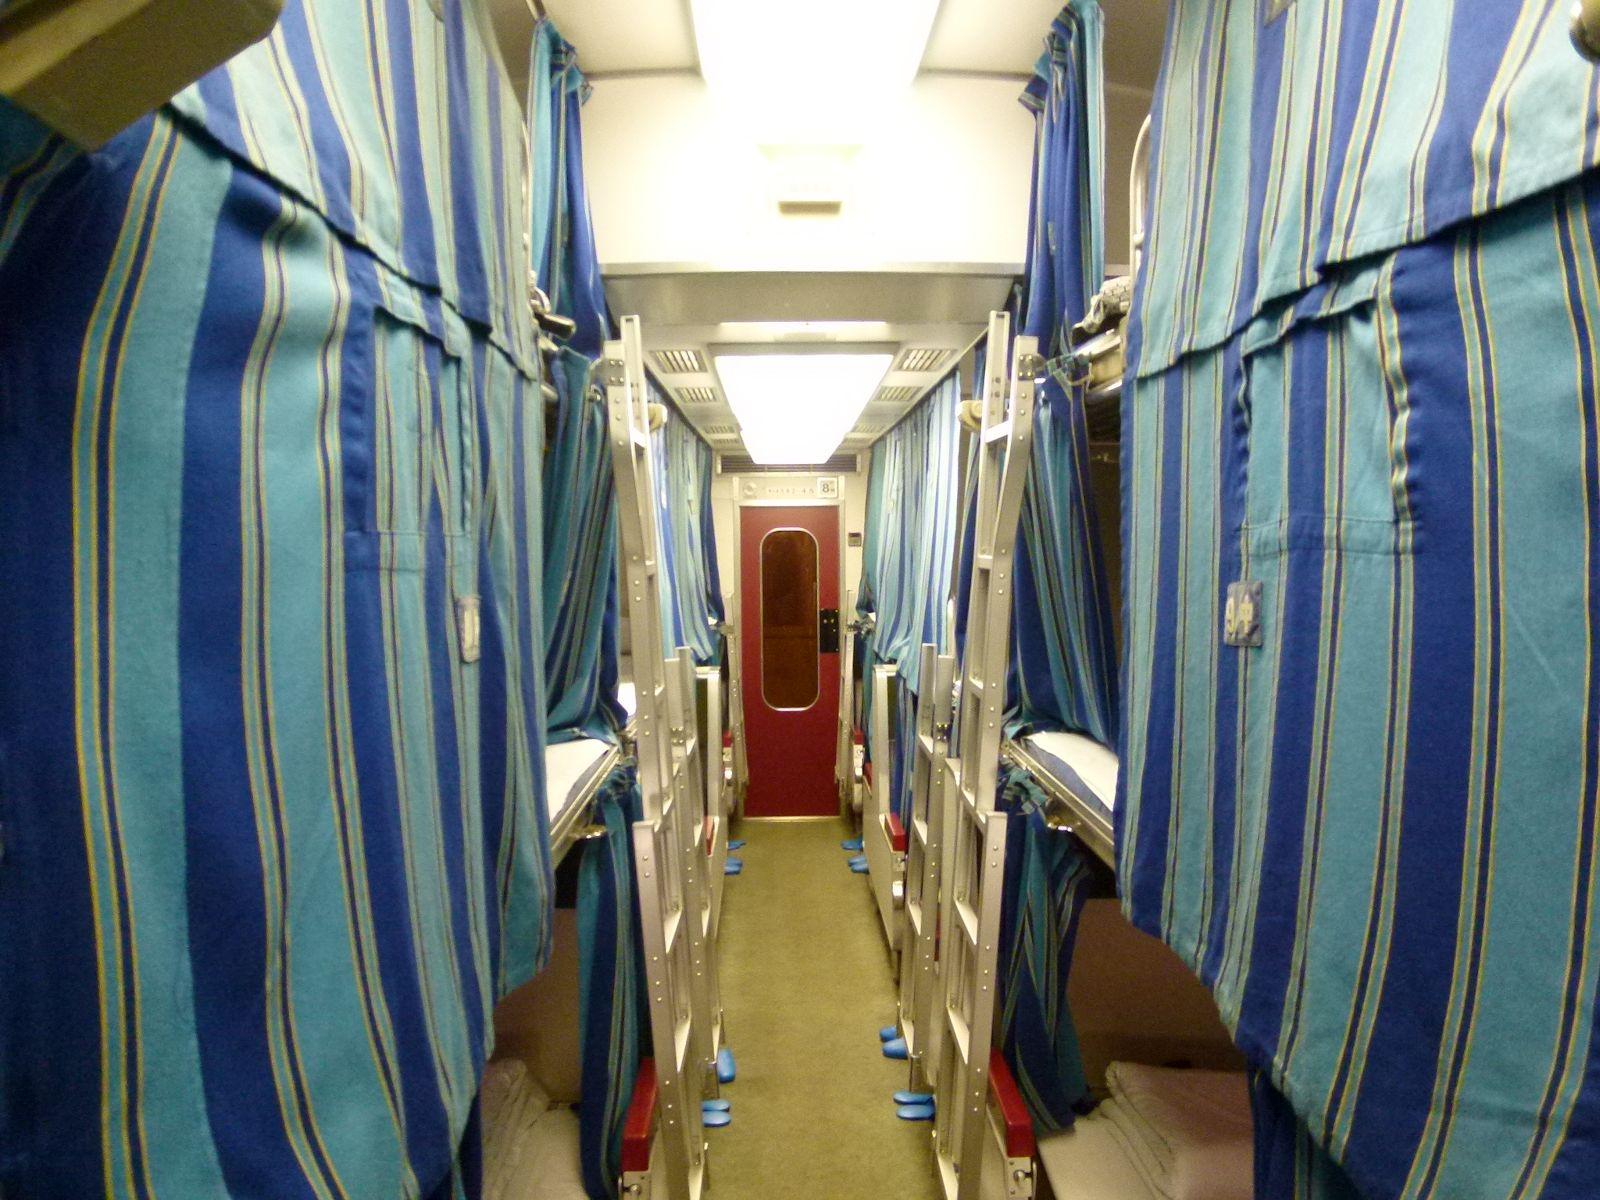 急行きたぐに号の8号車B寝台の車内(JPG-298k)